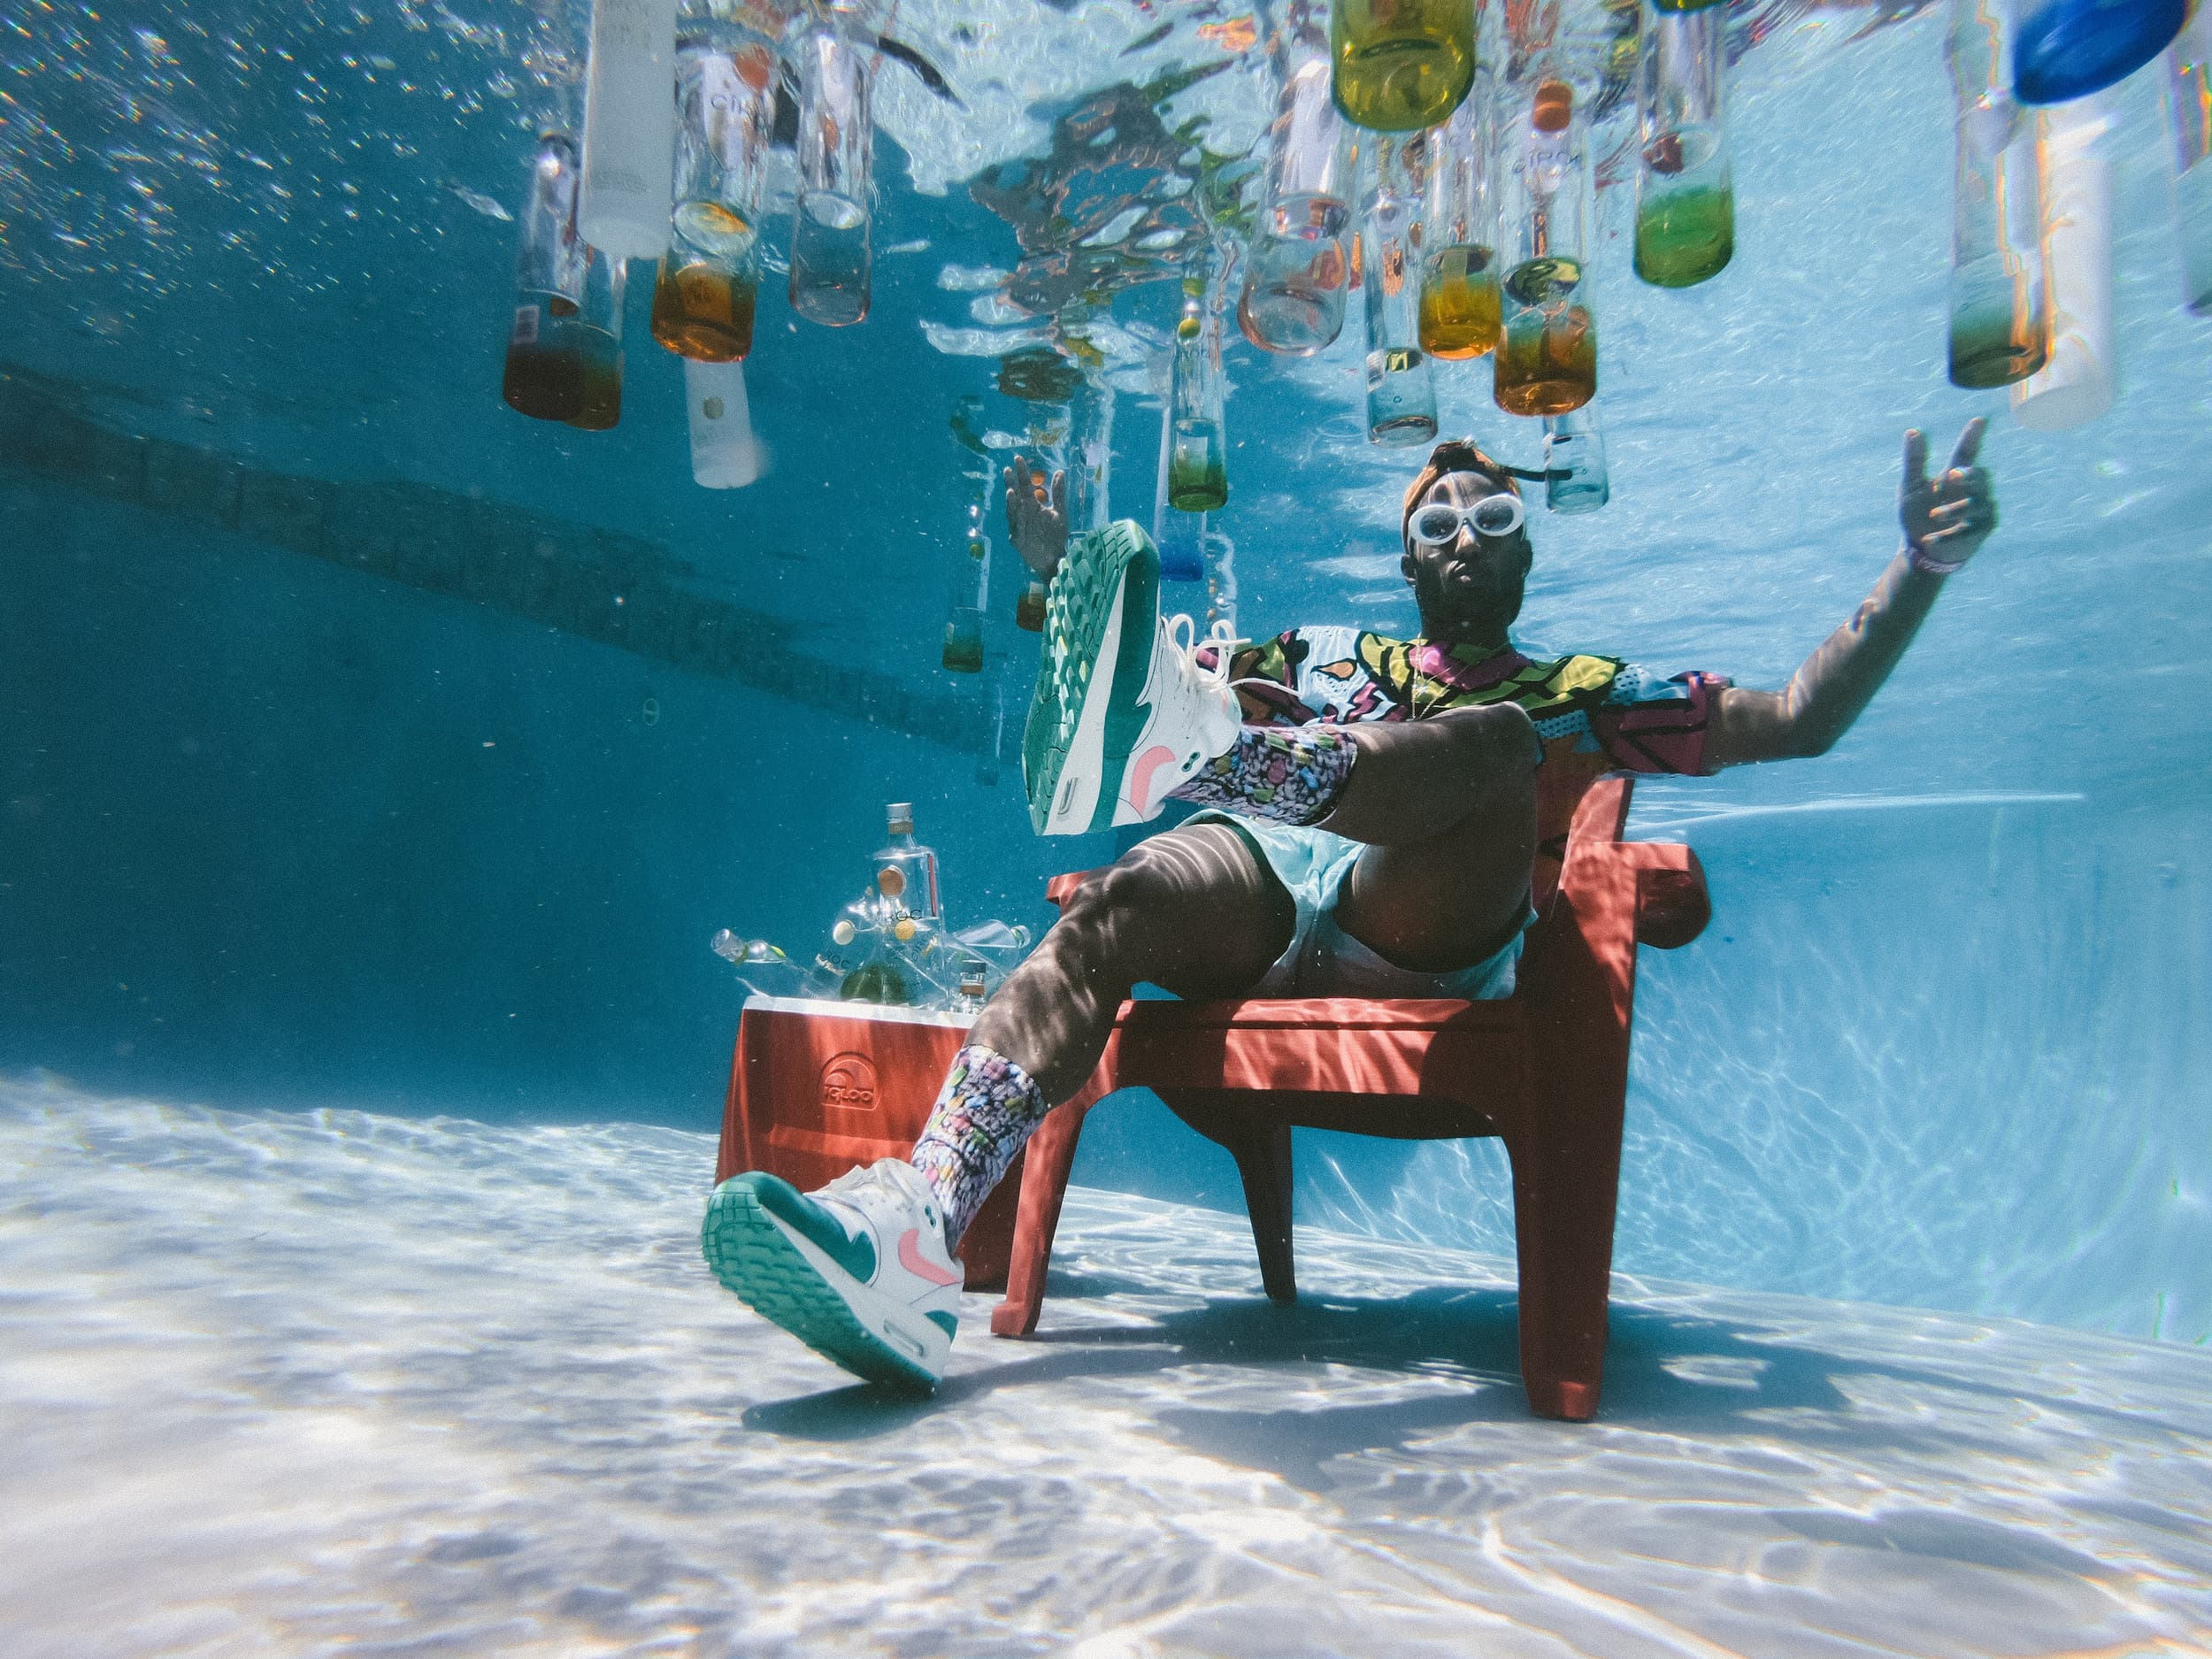 Man underwater